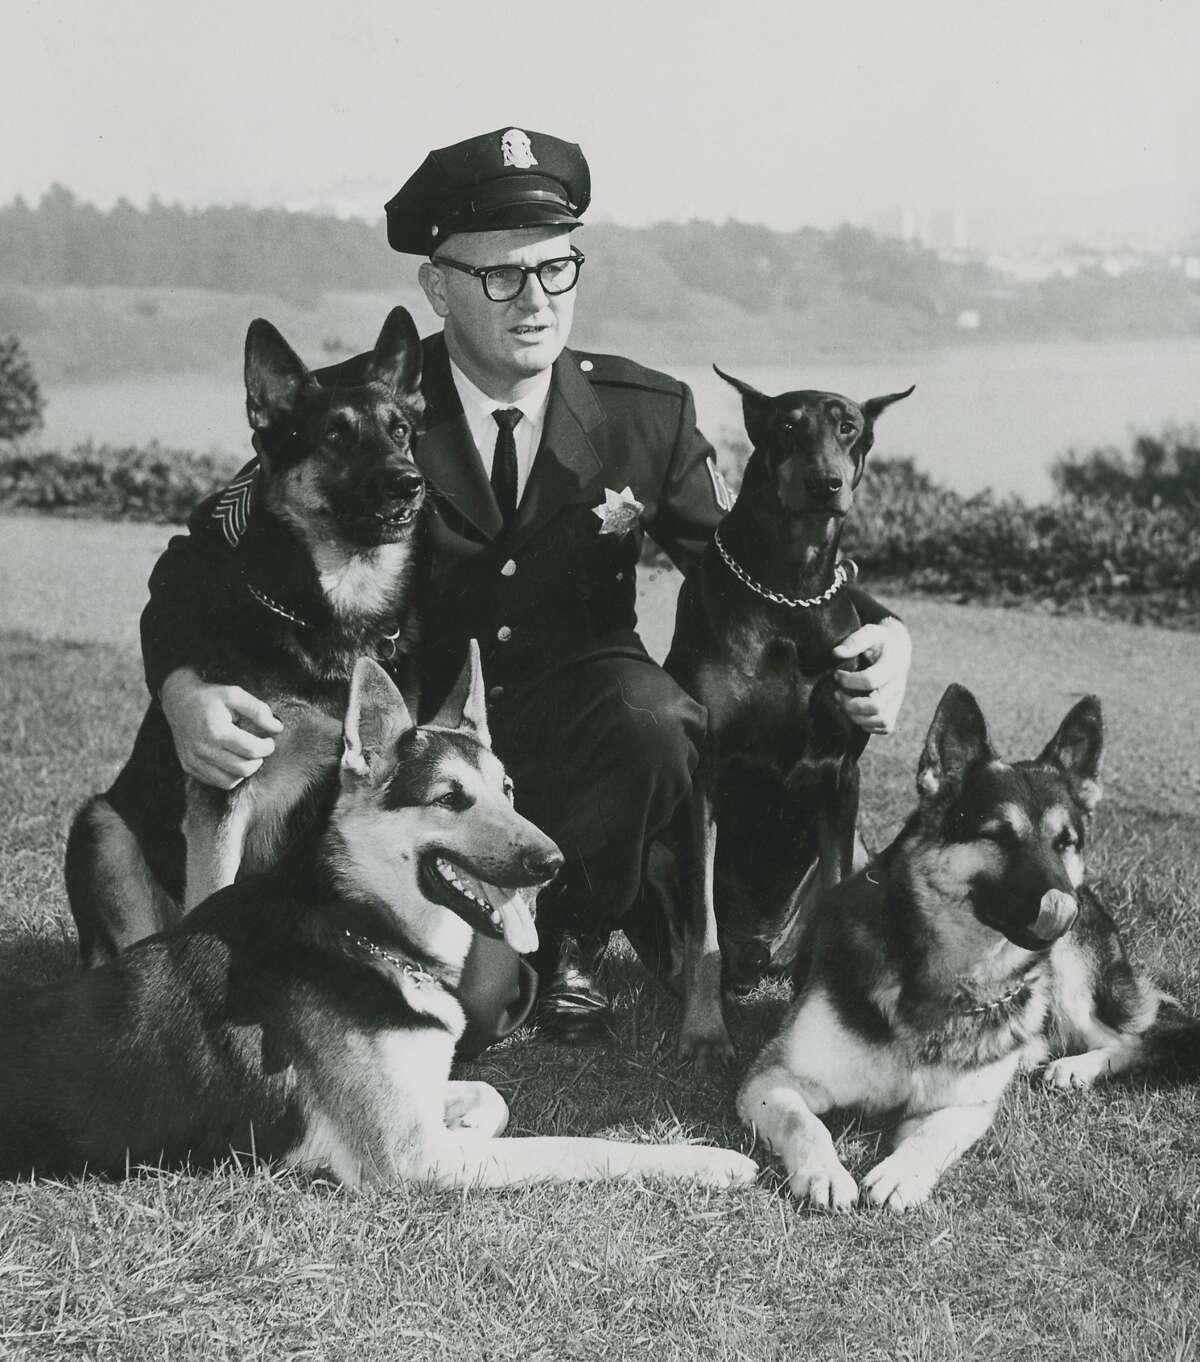 San Francisco Police K9 unit, May 1, 1963.